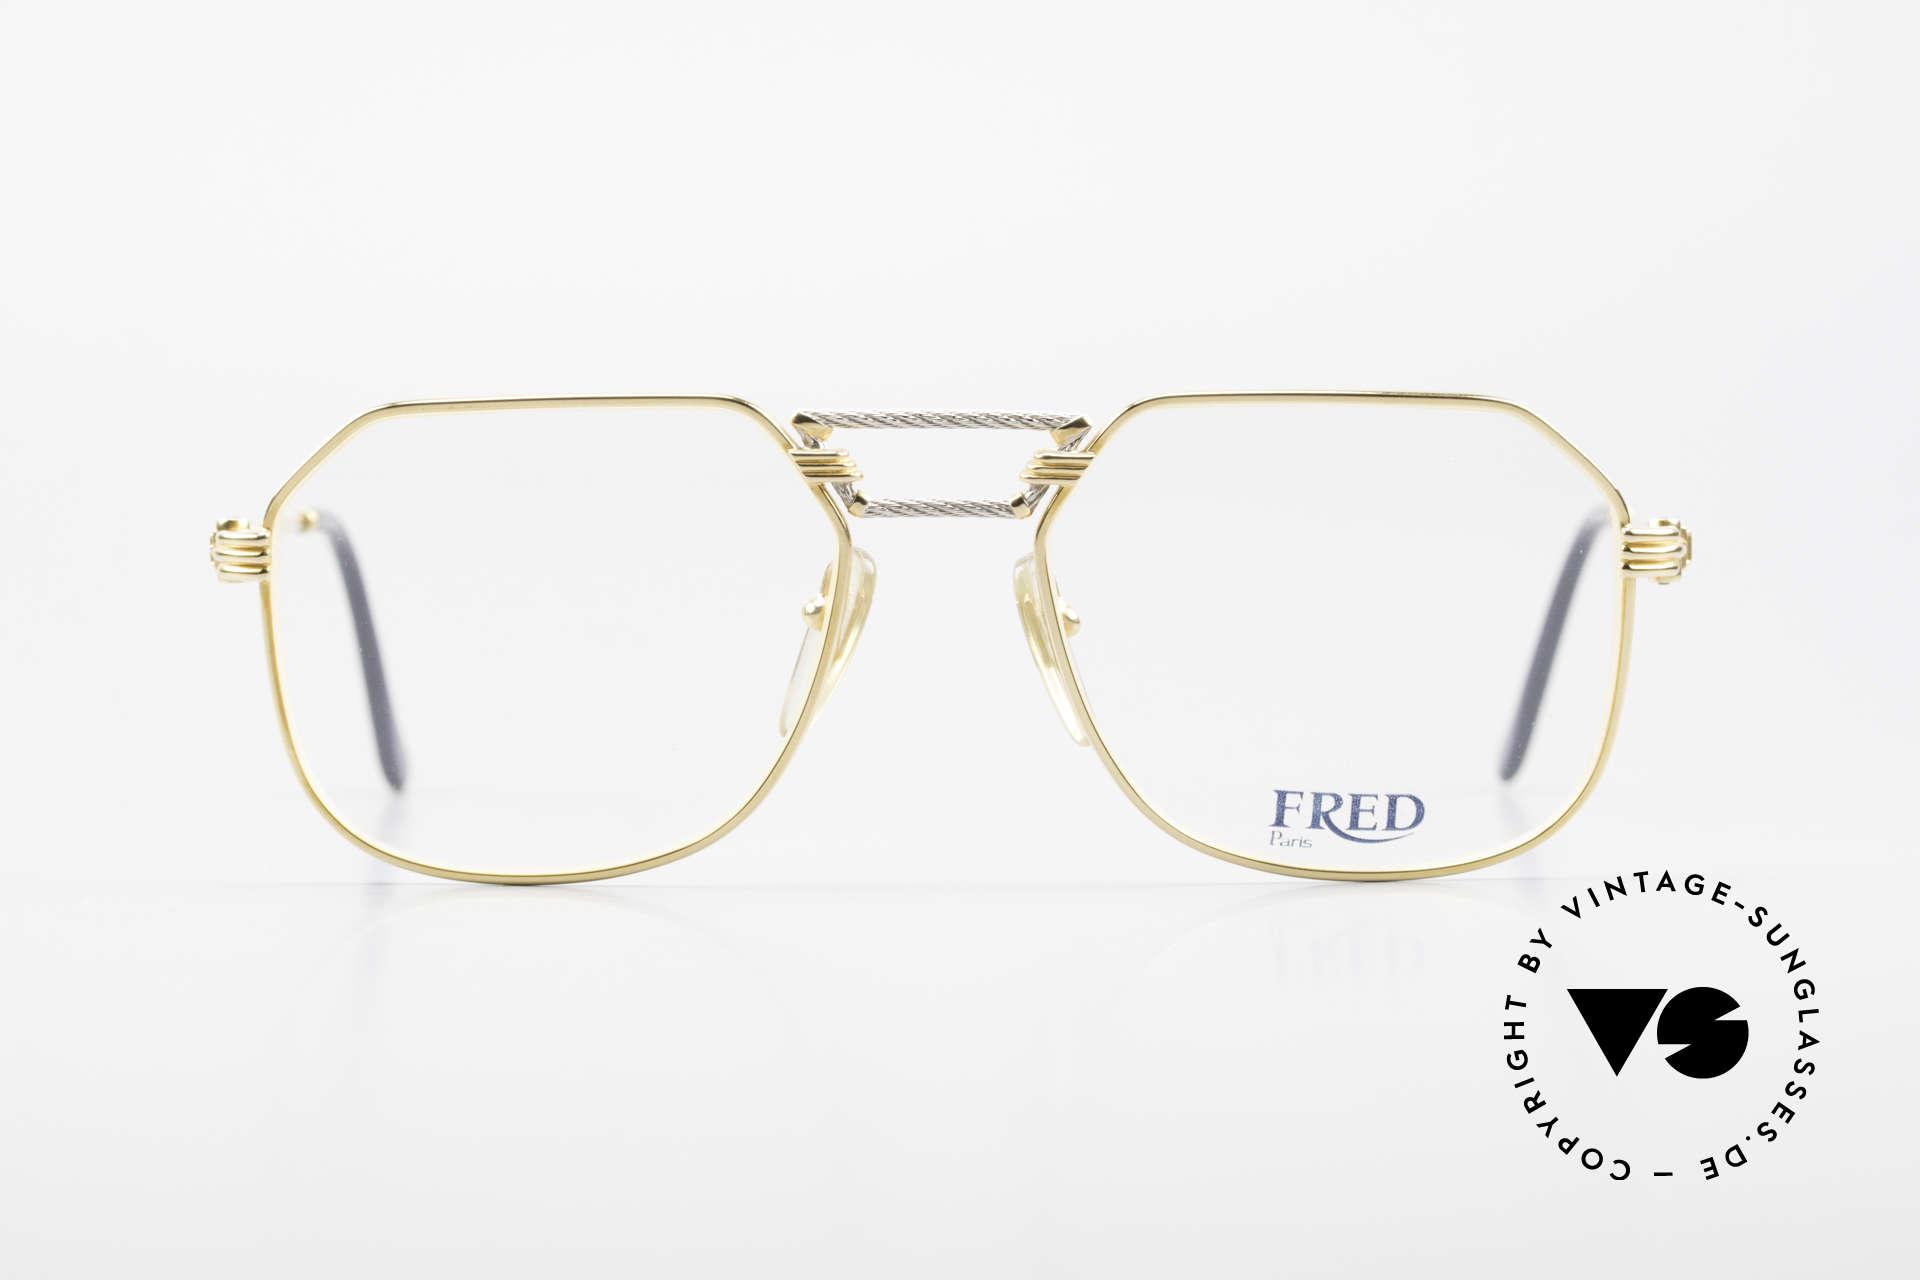 Fred Cap Horn - M Rare 80er Vintage Brille Luxus, marines Design (charakteristisch Fred) in Top-Qualität, Passend für Herren